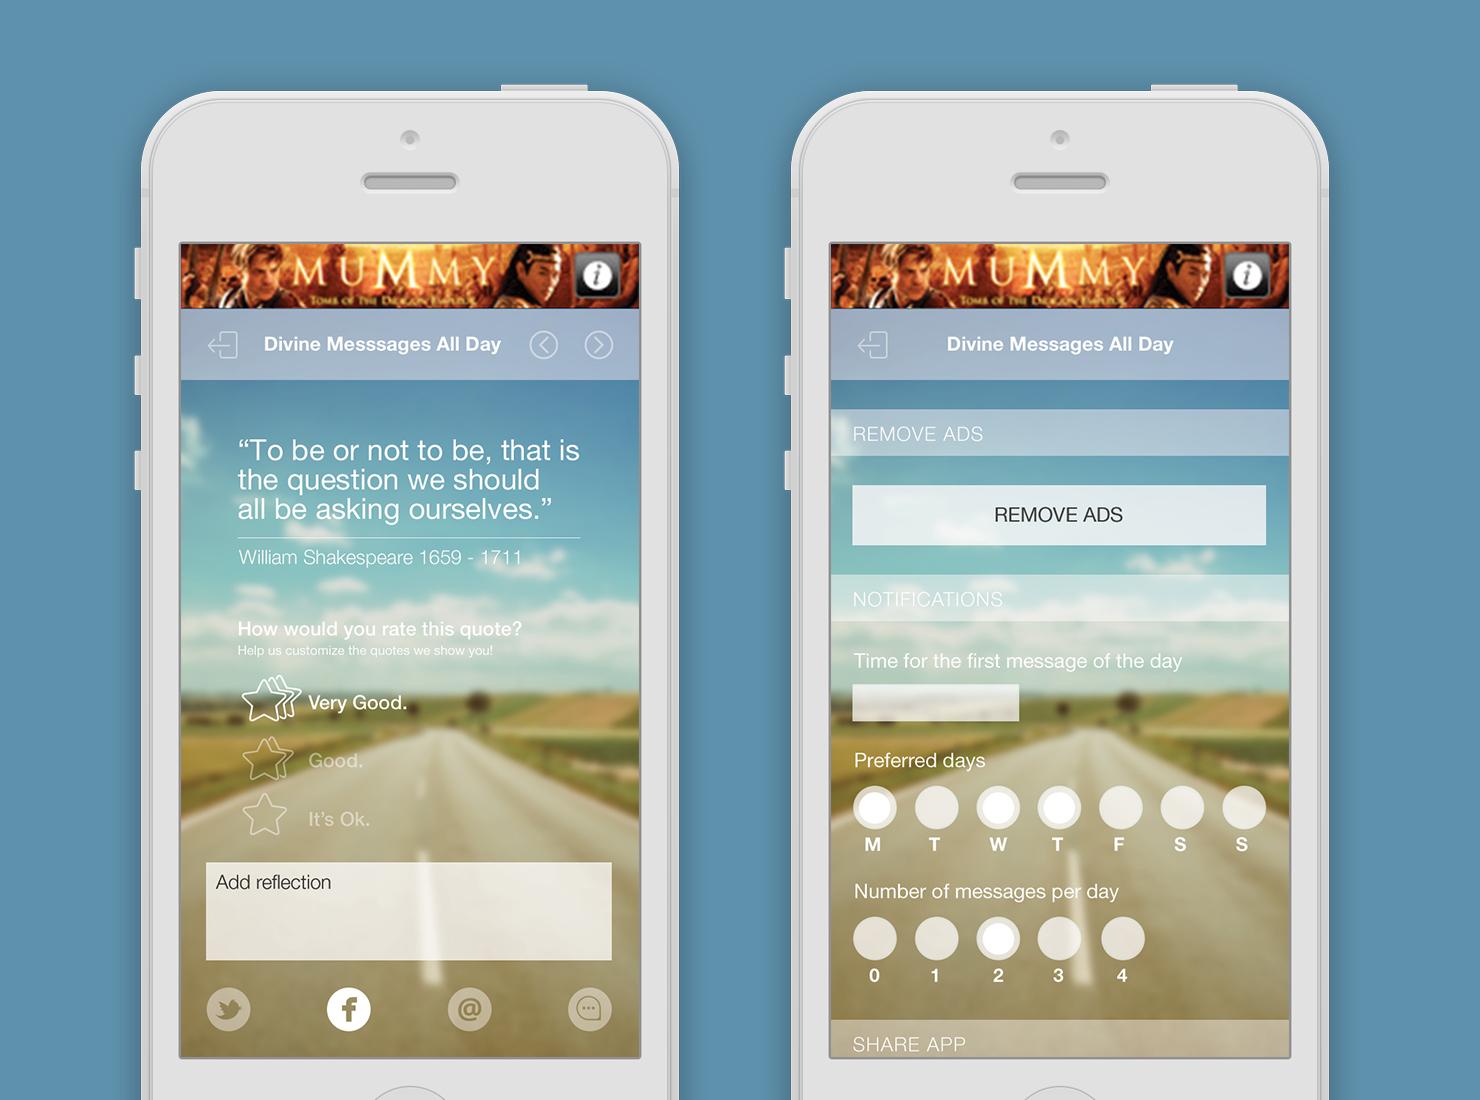 Divine Messages App UI